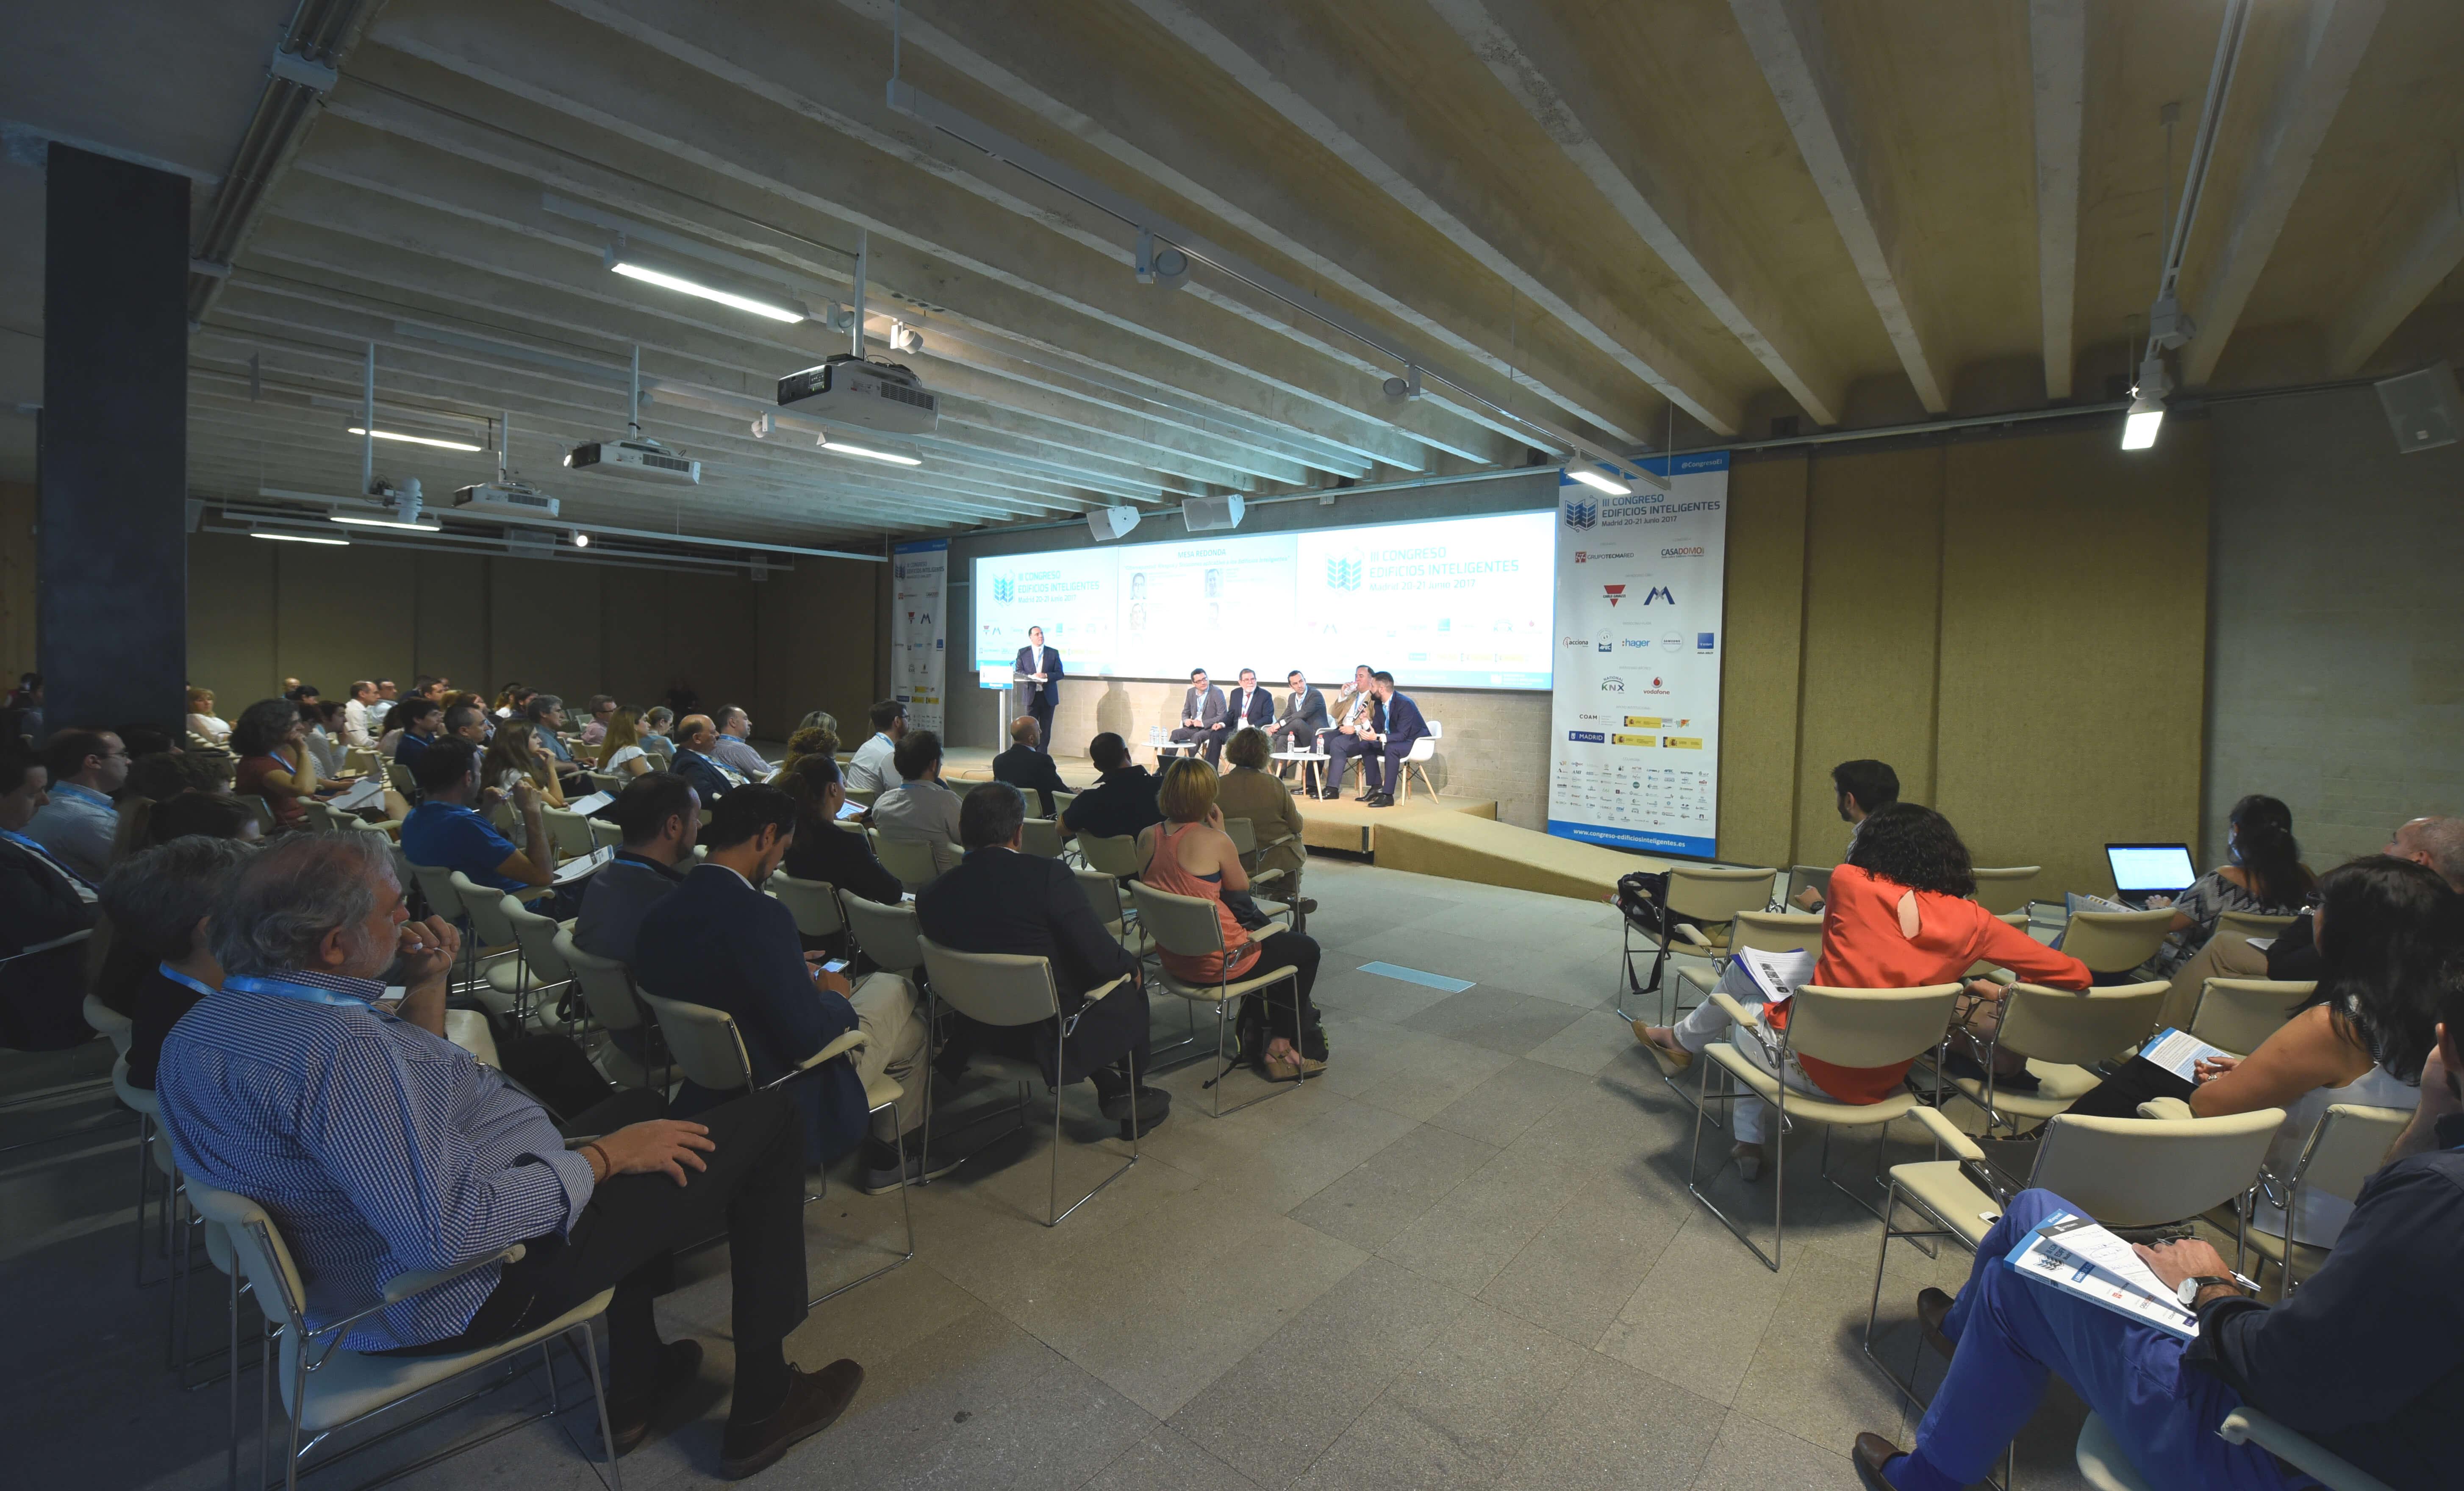 El Auditorio principal del Colegio Oficial de Arquitectos de Madrid (COAM) albergó el III Congreso Edificios Inteligentes con más de 200 asistentes durante el 20-21 junio 2017.